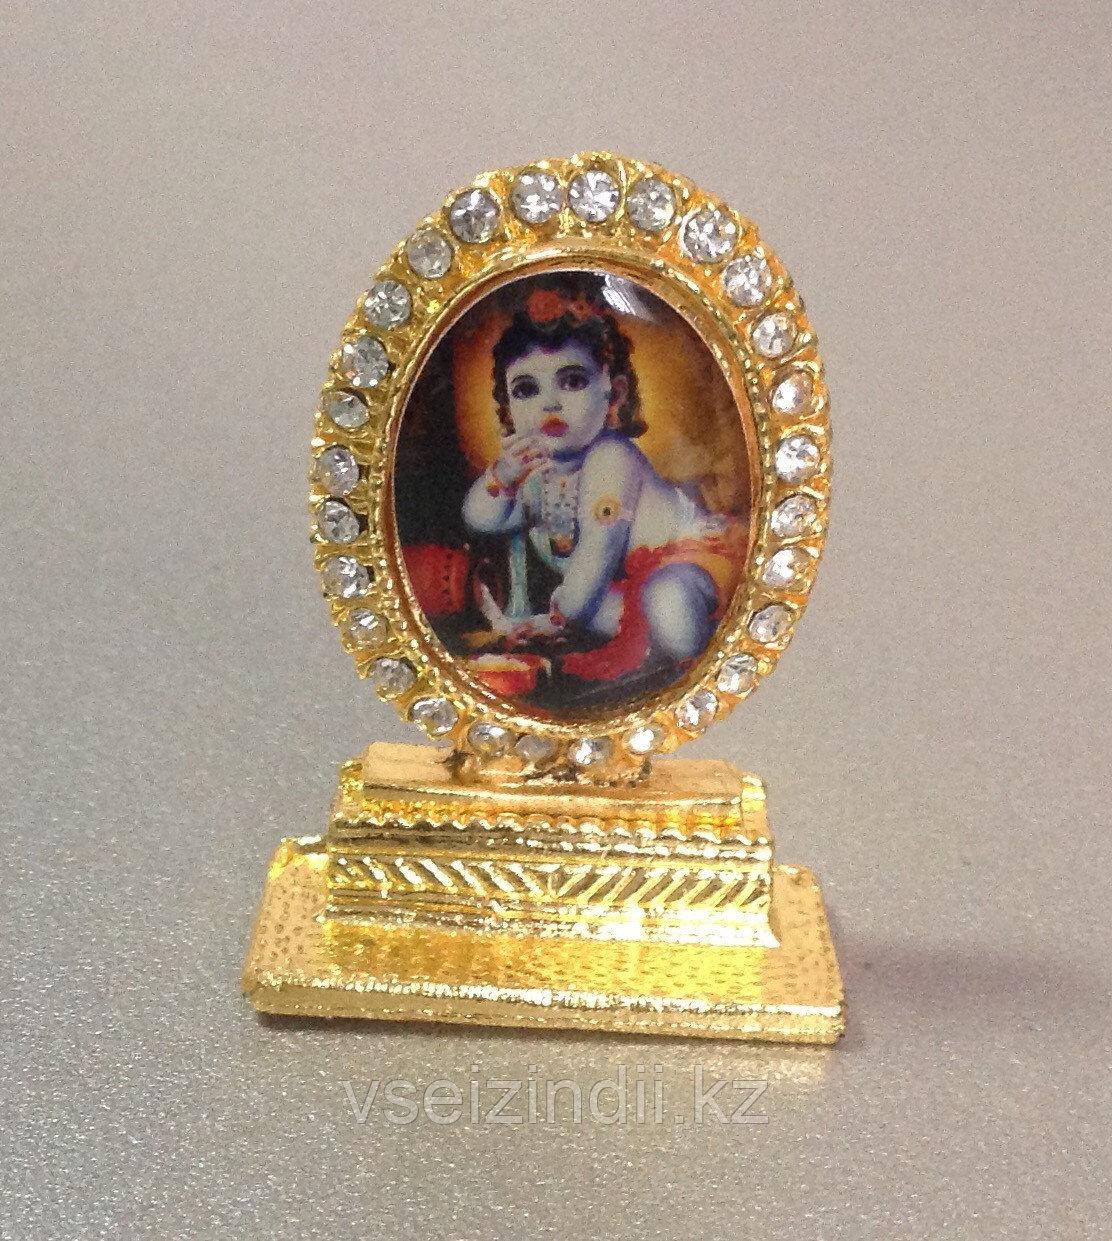 Статуэтка-образ маленький Кришна с маслом, овальная маленькая